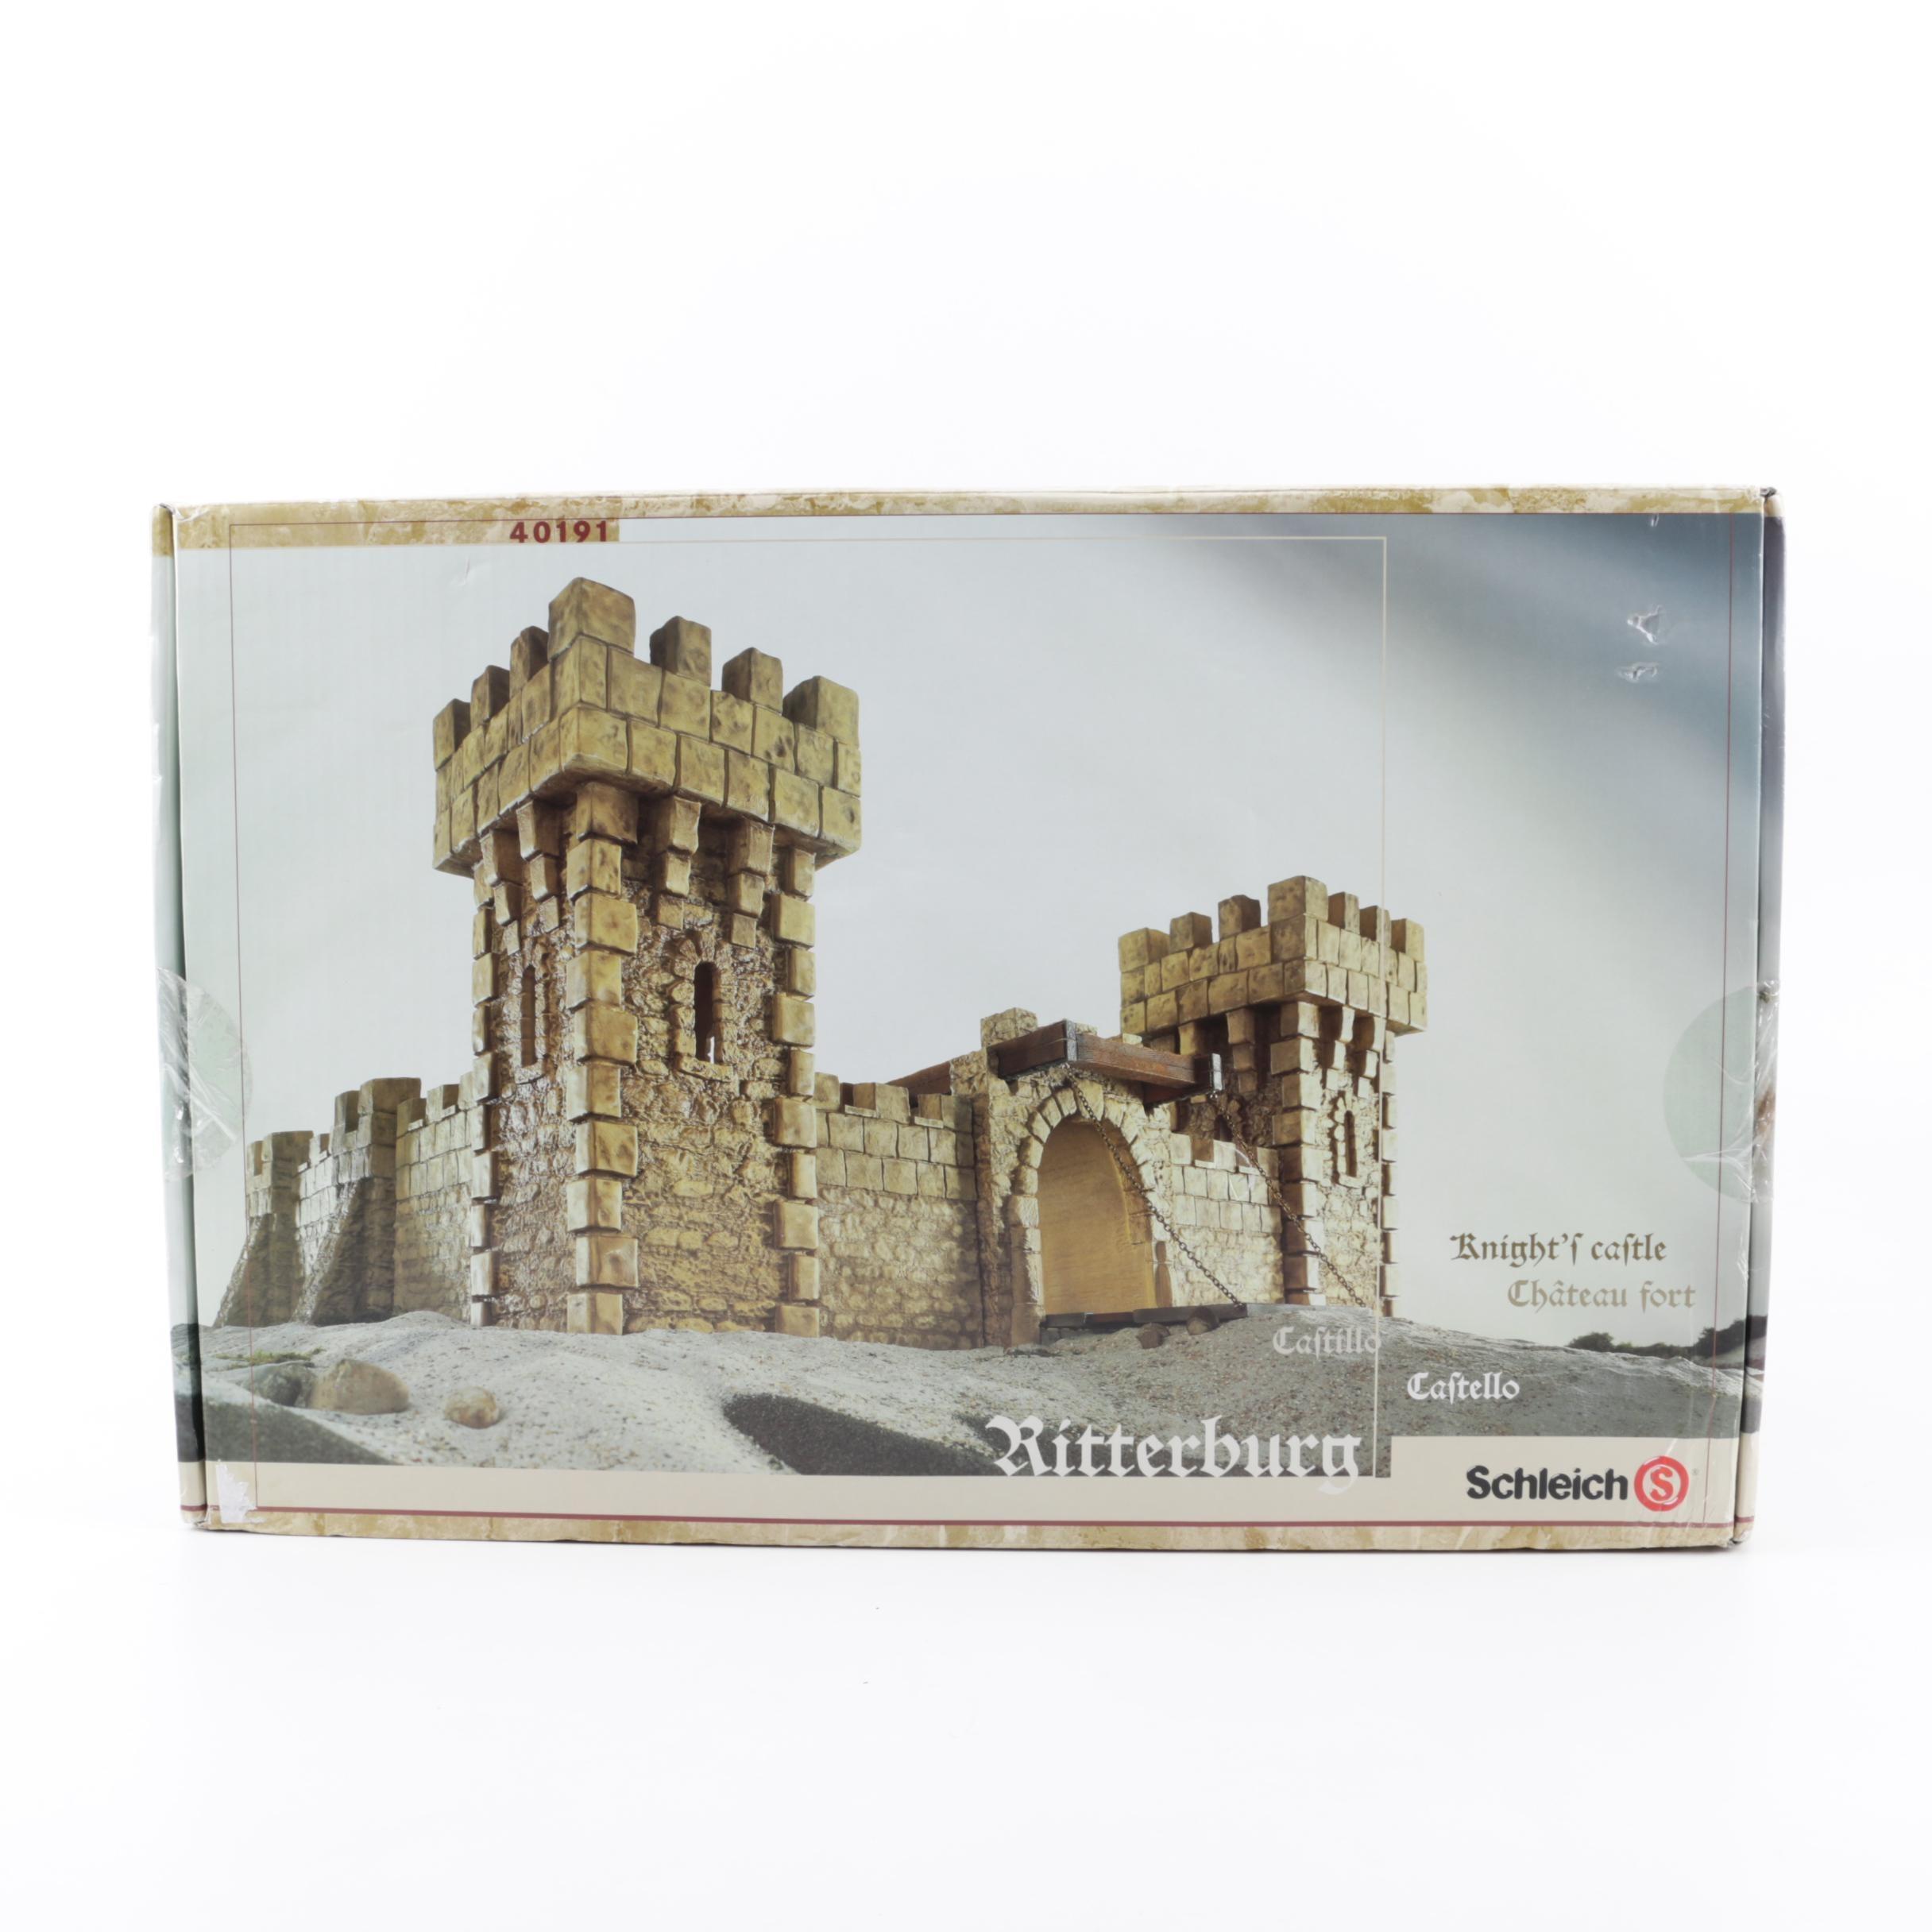 Schleich Knights Ritterburg Castle Model Kit